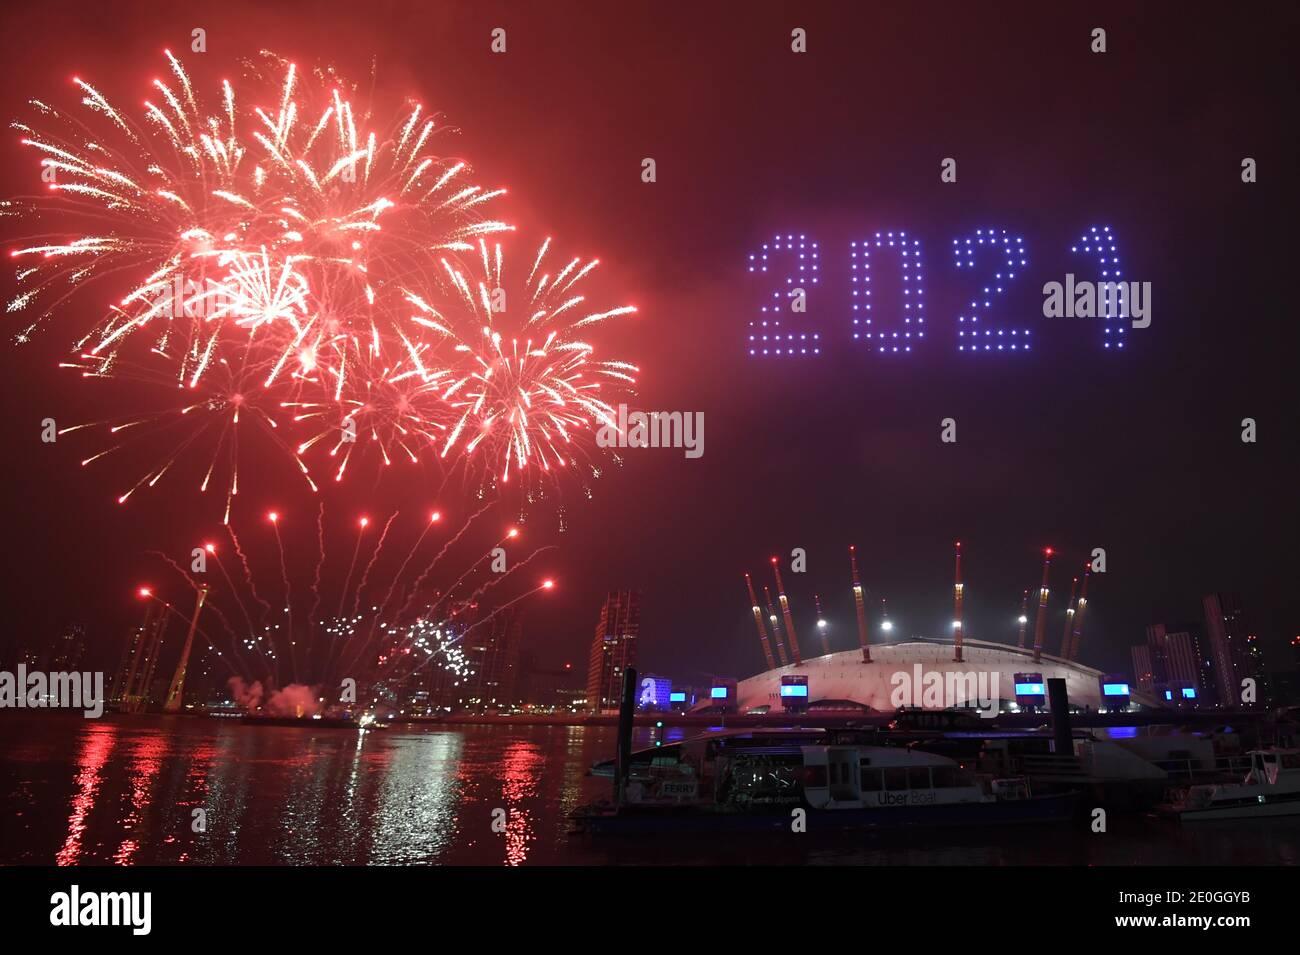 Des feux d'artifice et des drones éclairent le ciel nocturne au-dessus de l'O2 à Londres alors qu'ils forment une exposition de lumière alors que l'exposition normale des feux d'artifice de la Saint-Sylvestre à Londres a été annulée en raison de la pandémie du coronavirus. Banque D'Images